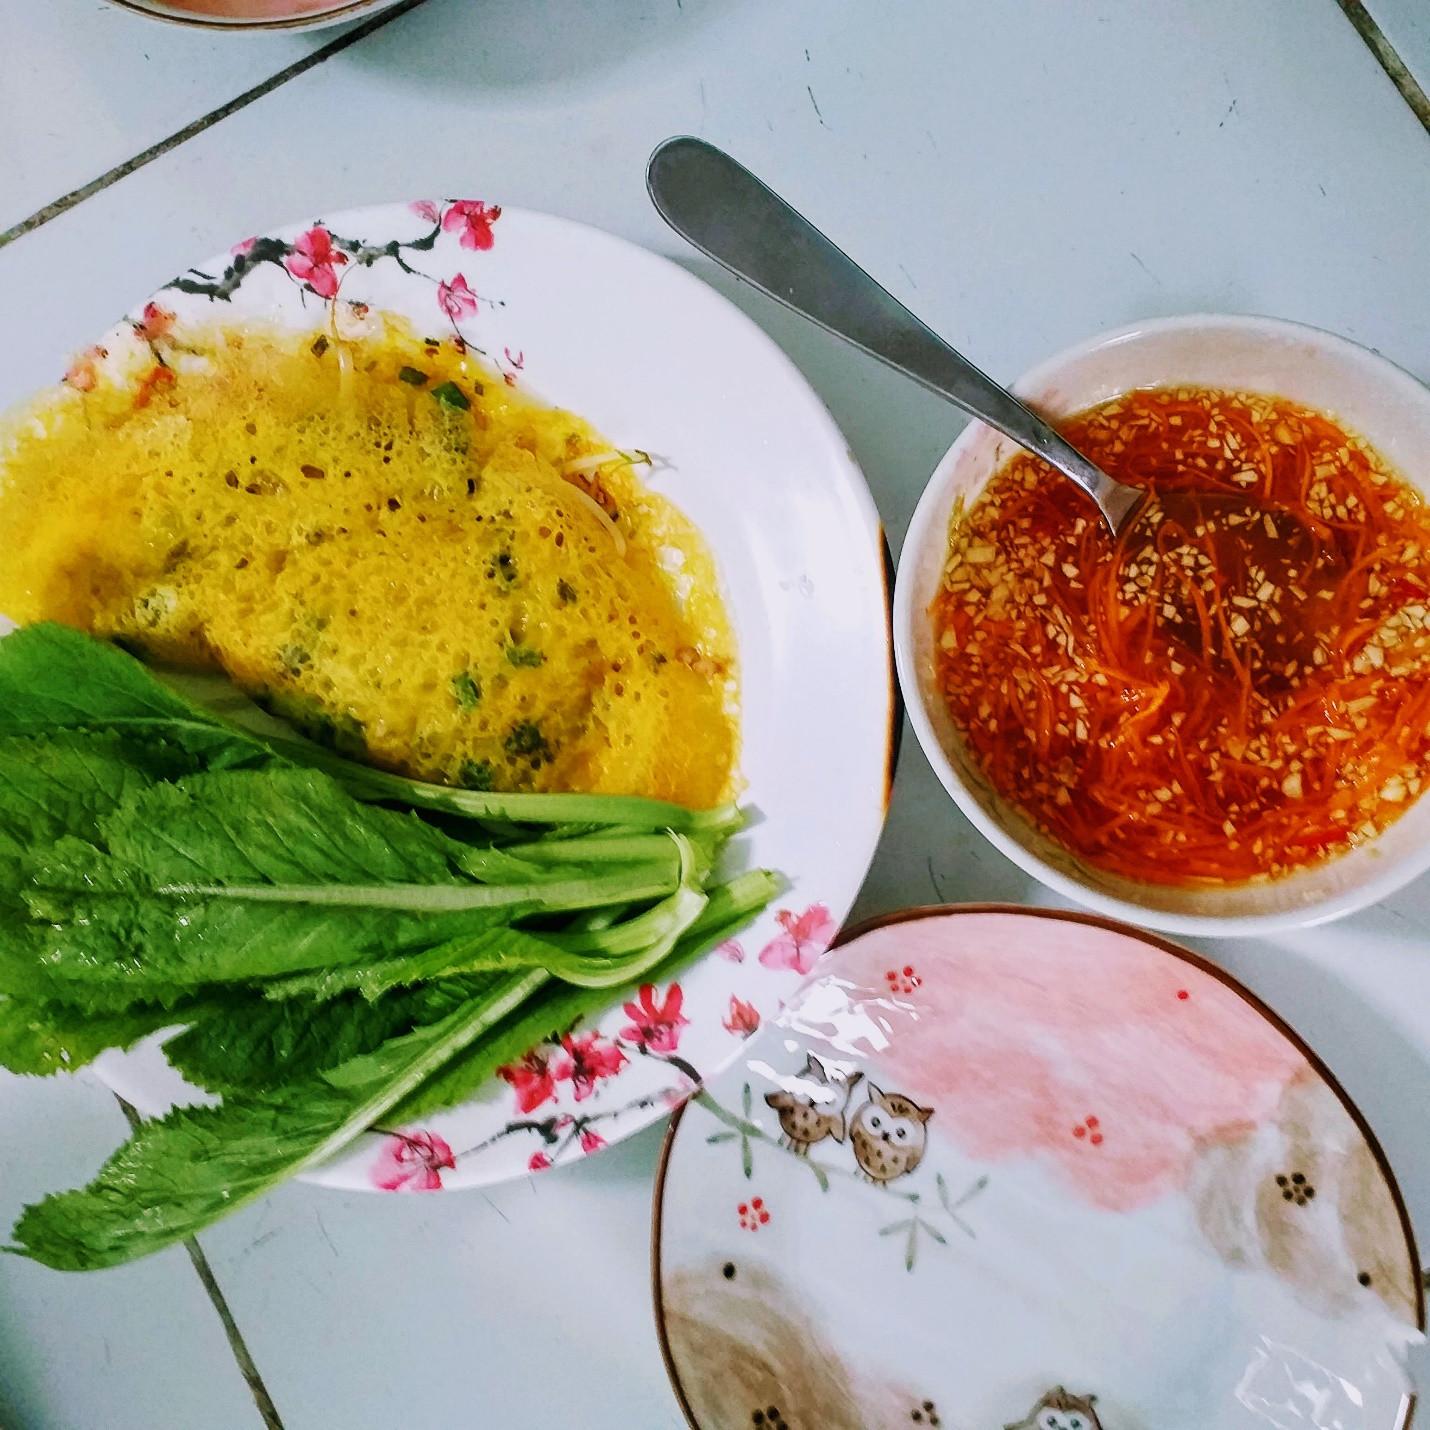 Sài Gòn trồng cây, hẹn gặp nhau khi hoa nở - 5